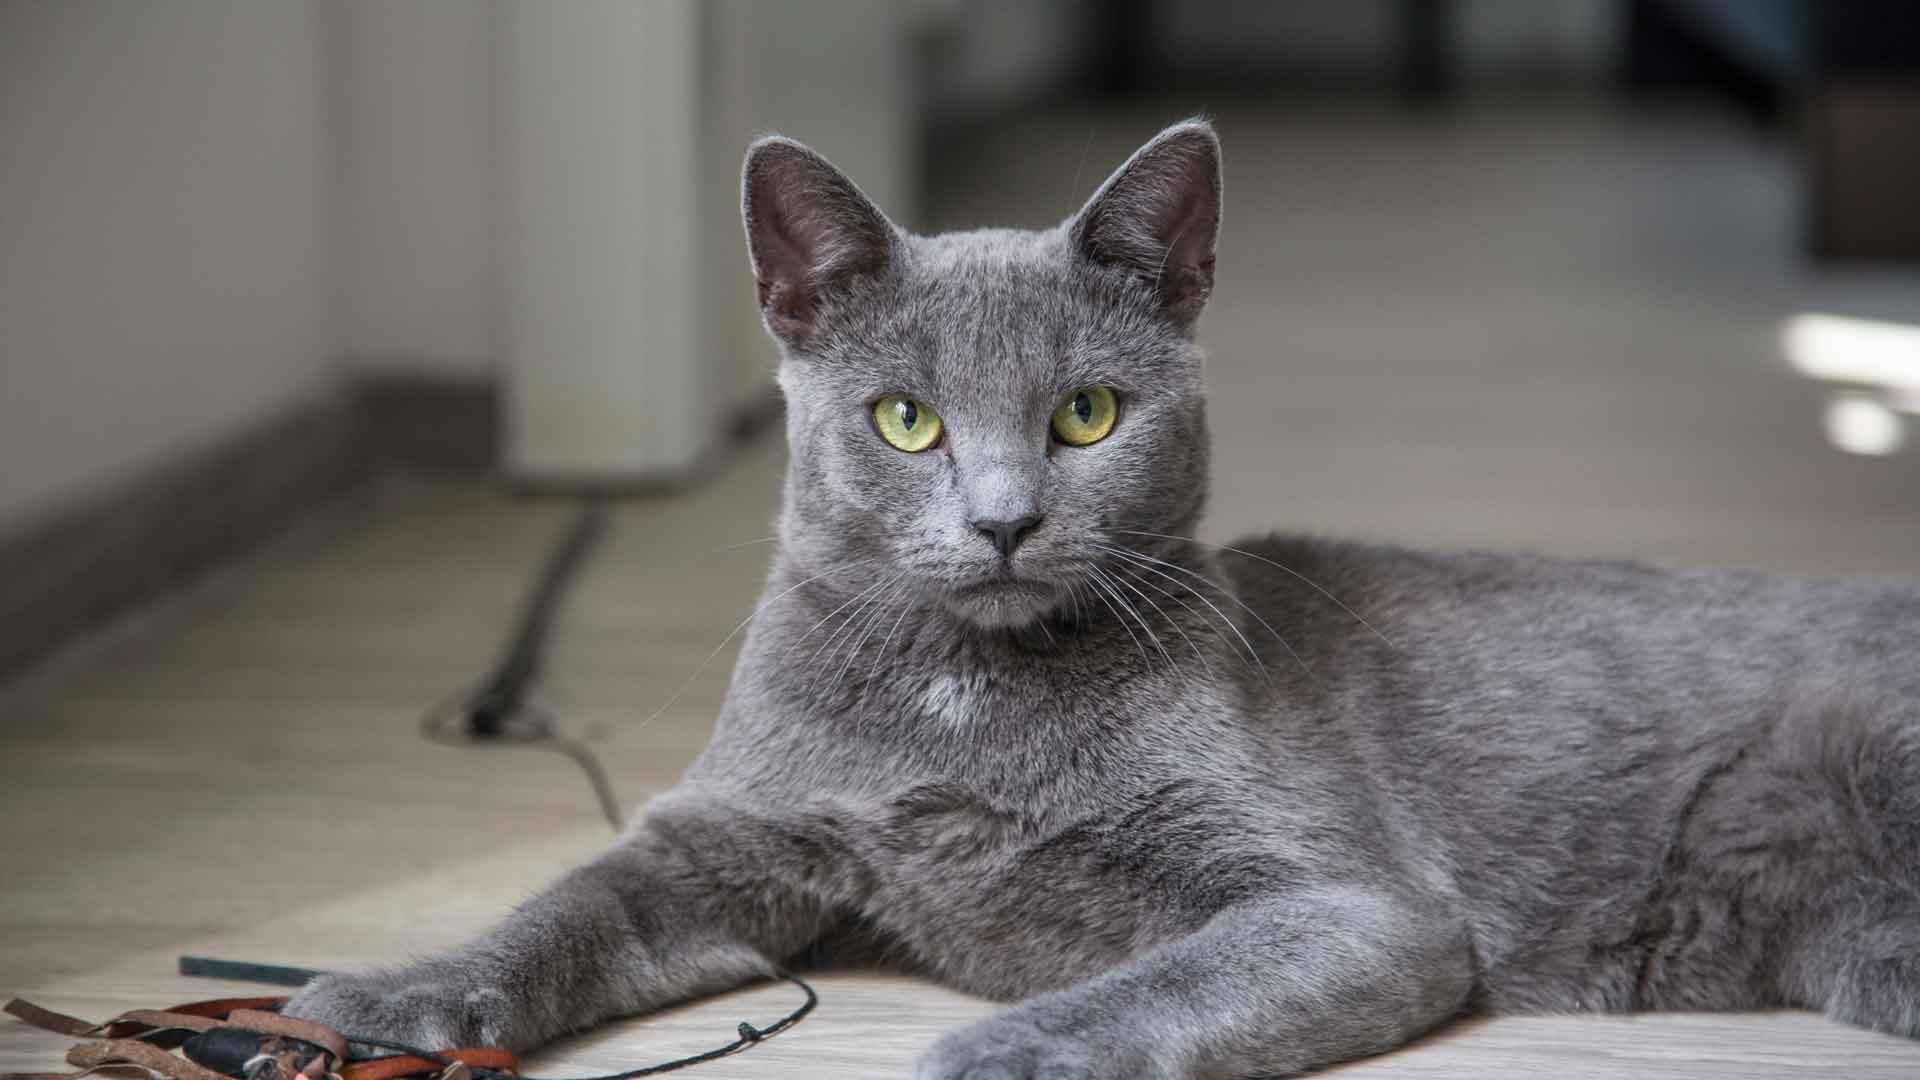 Русские кошки (32 фото): российские породы котов, описание белых, серых и черных пород котят из россии